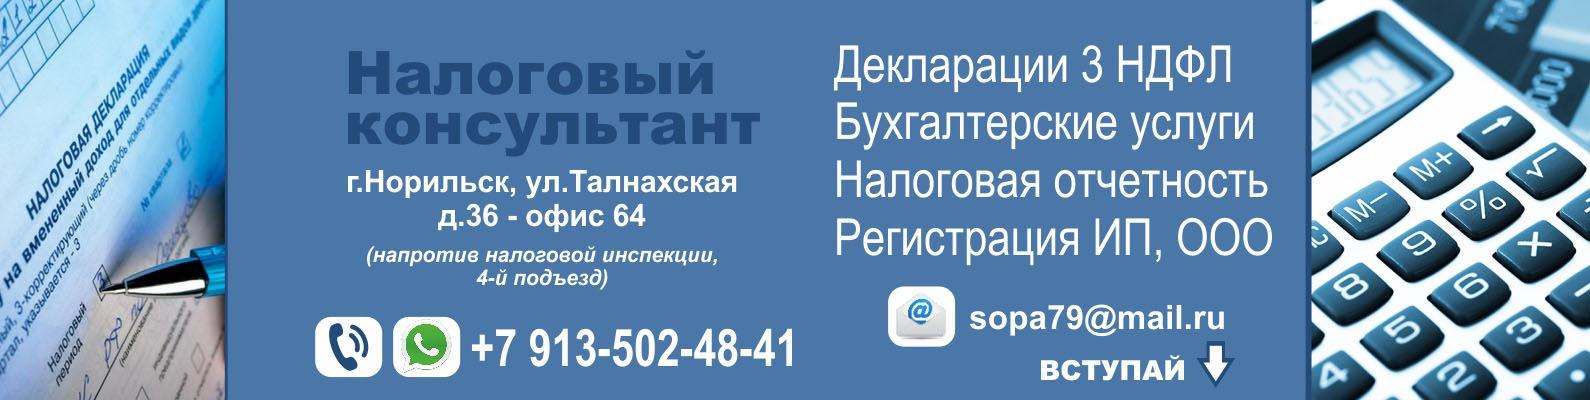 Регистрация ооо в норильске метро регистрация ооо